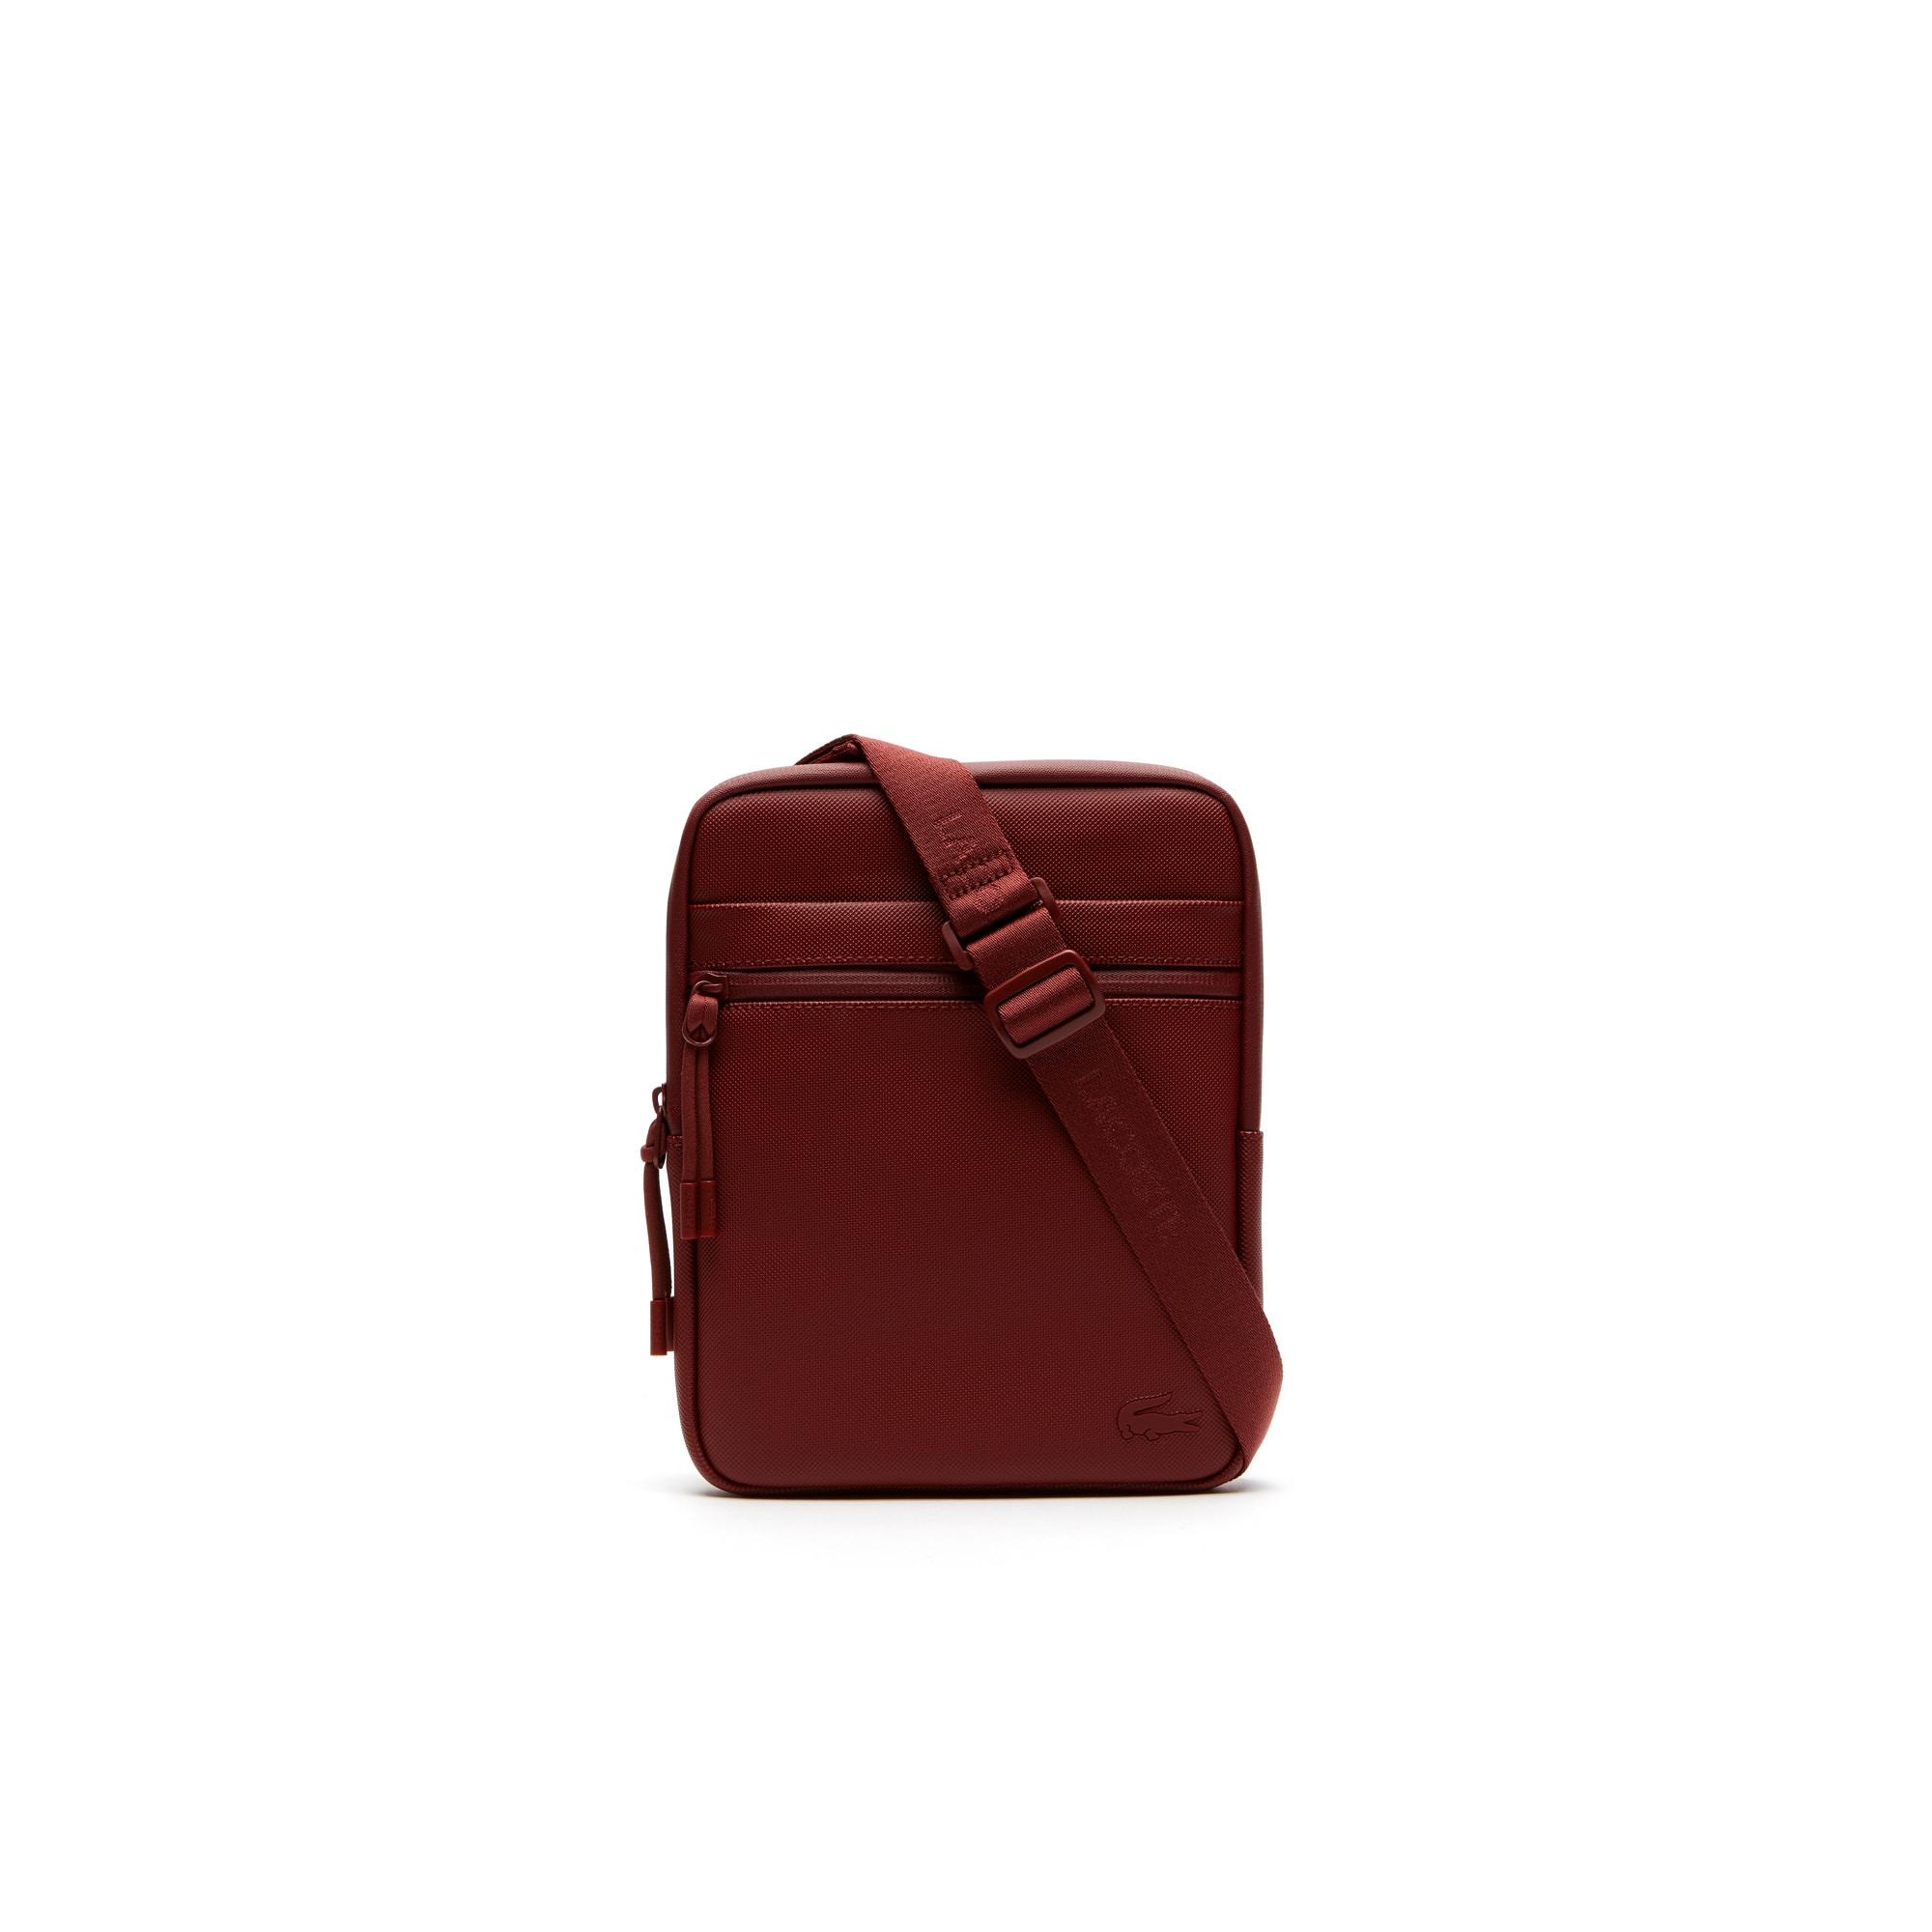 Men's L.12.12 Concept Petit Piqué Flat Zip Bag